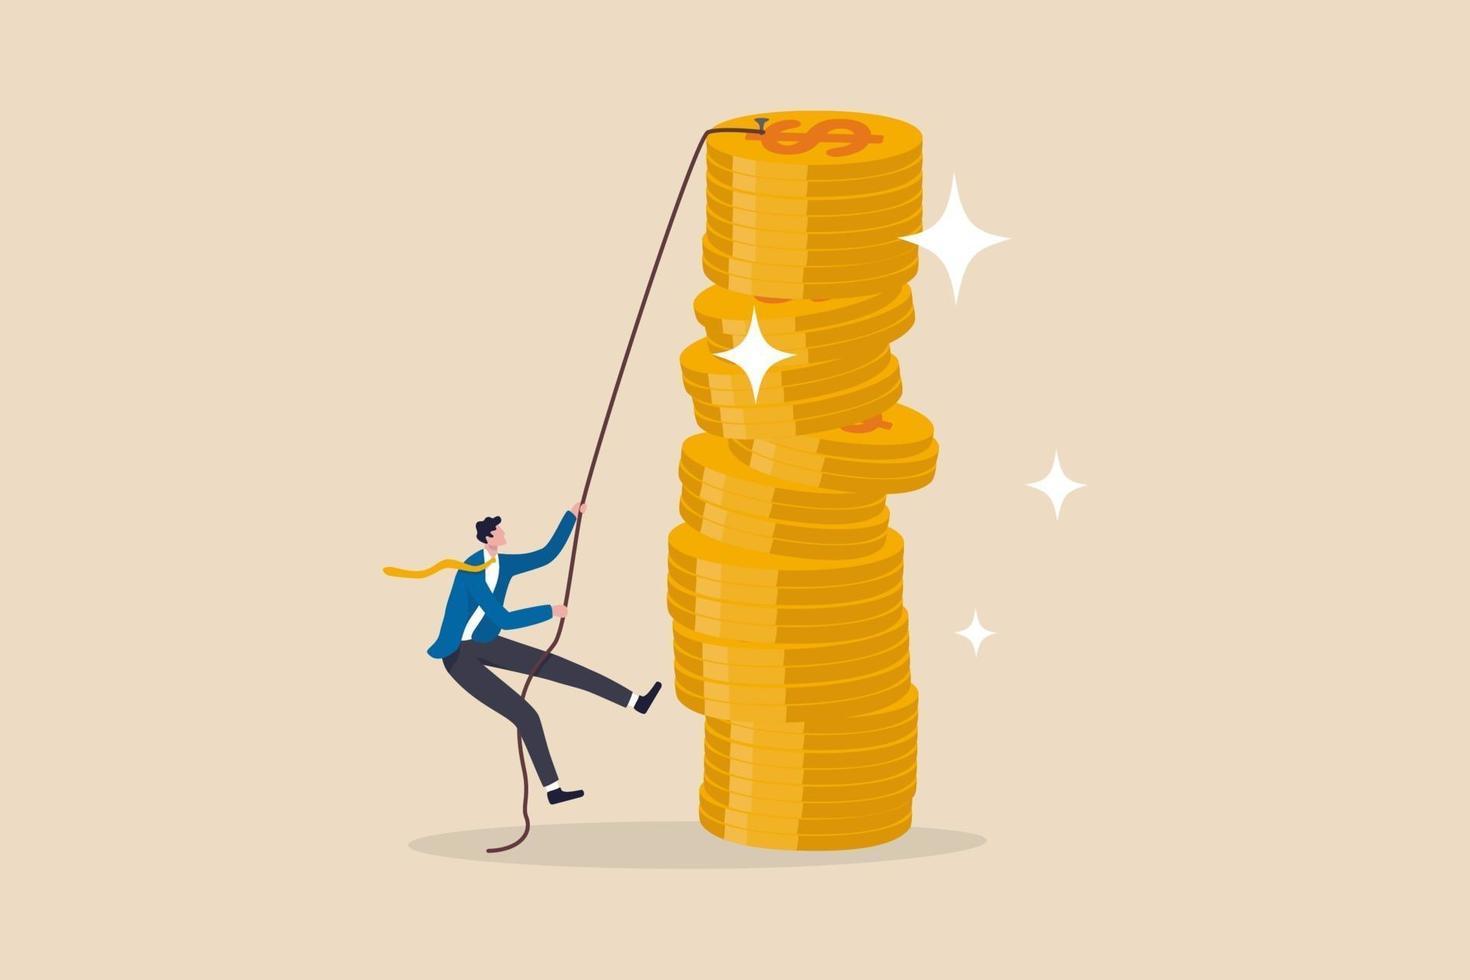 finansiellt mål, inkomst, lön och karriärväg, investerarrisk för att göra vinst eller sparande för att nå ekonomiskt oberoende koncept vektor